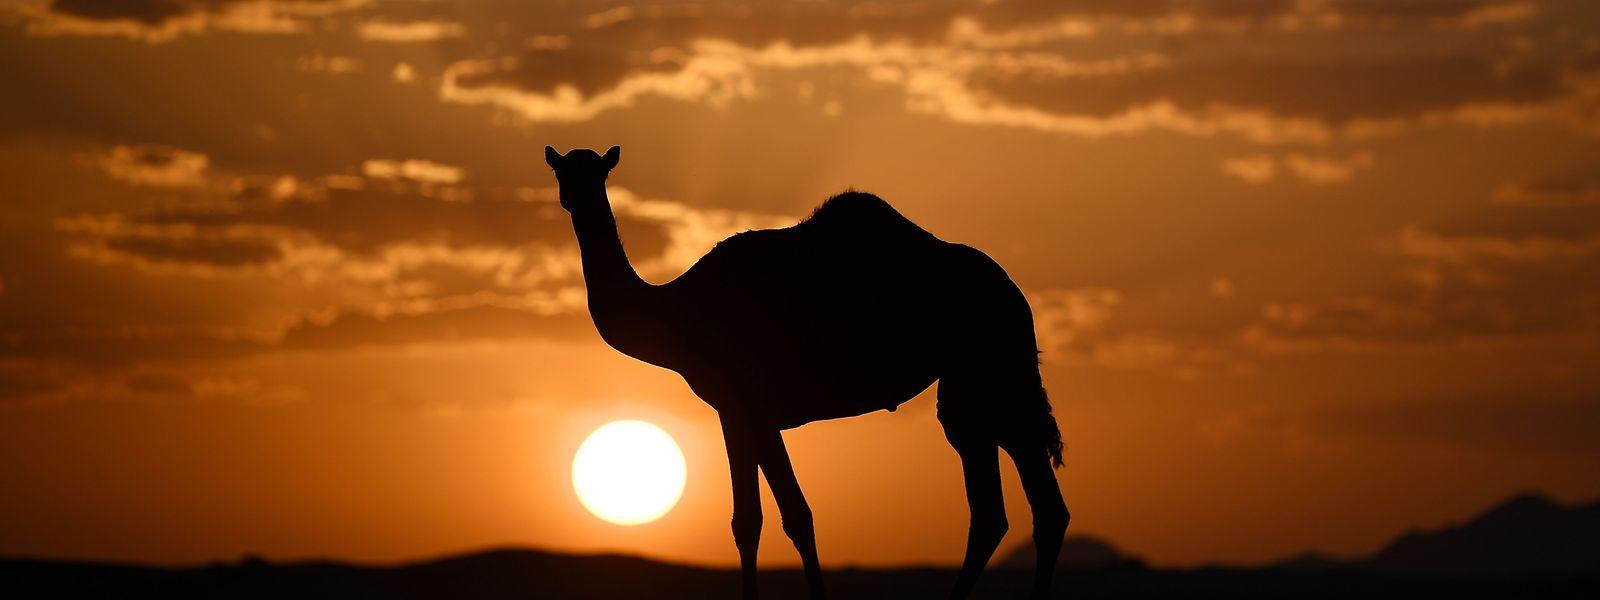 Les organisateurs du rallye Dakar finalisent le parcours de l'édition 2020 dans le désert d'Arabie saoudite